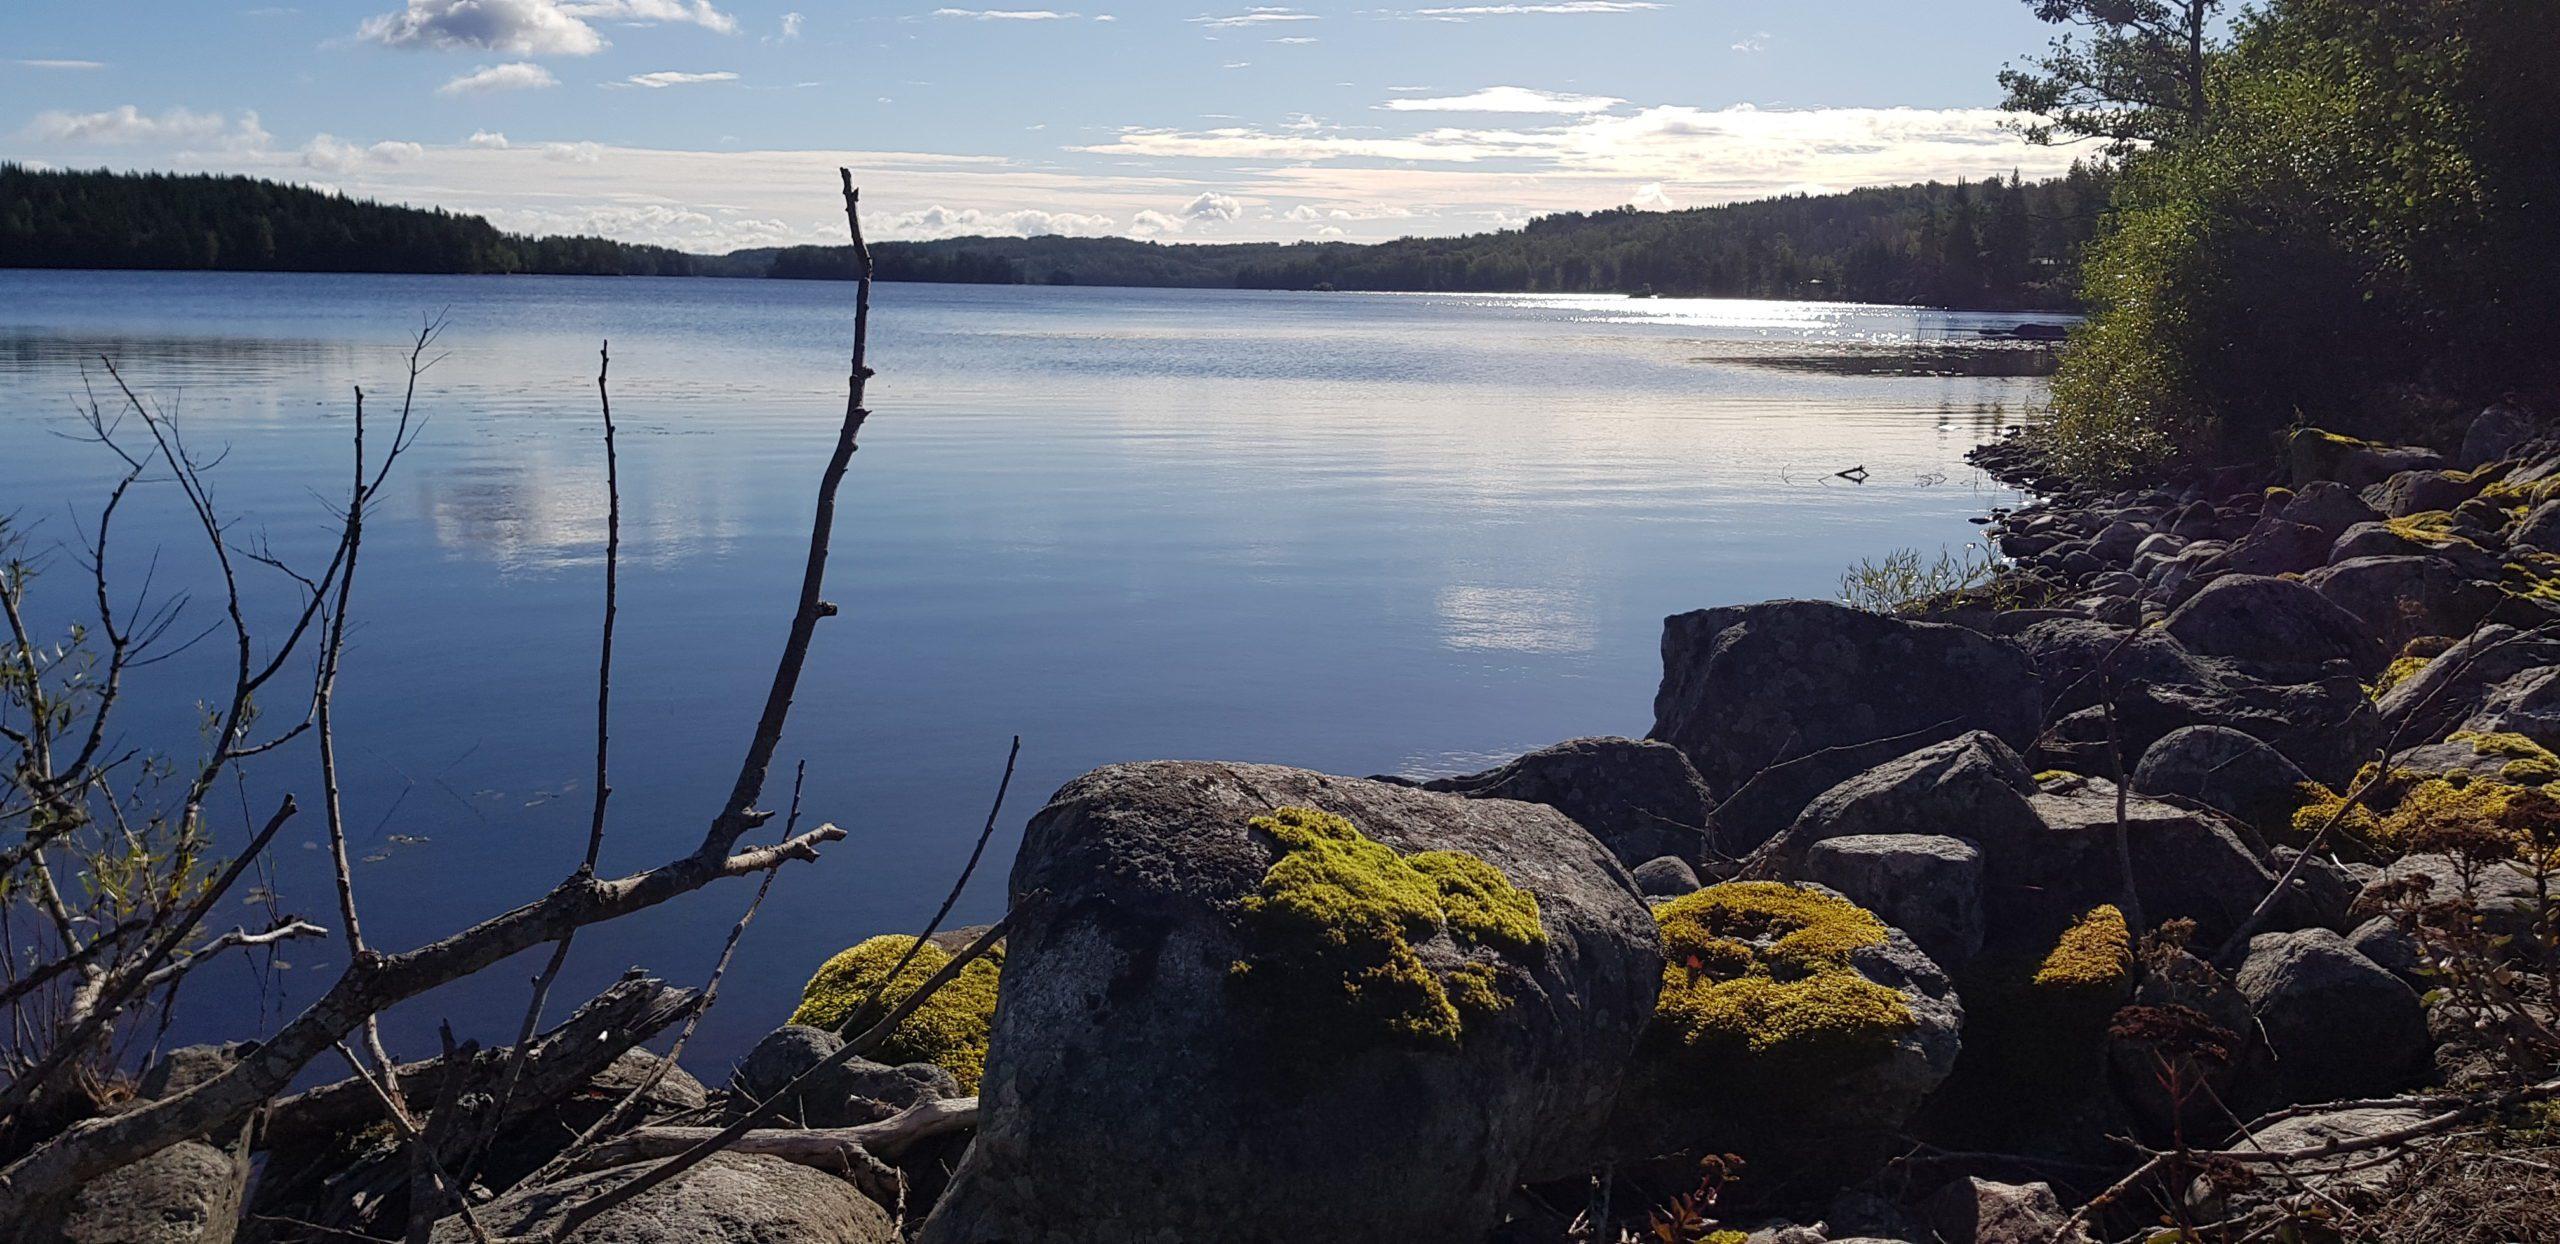 Stenrös längs ett soligt Virserumssjön